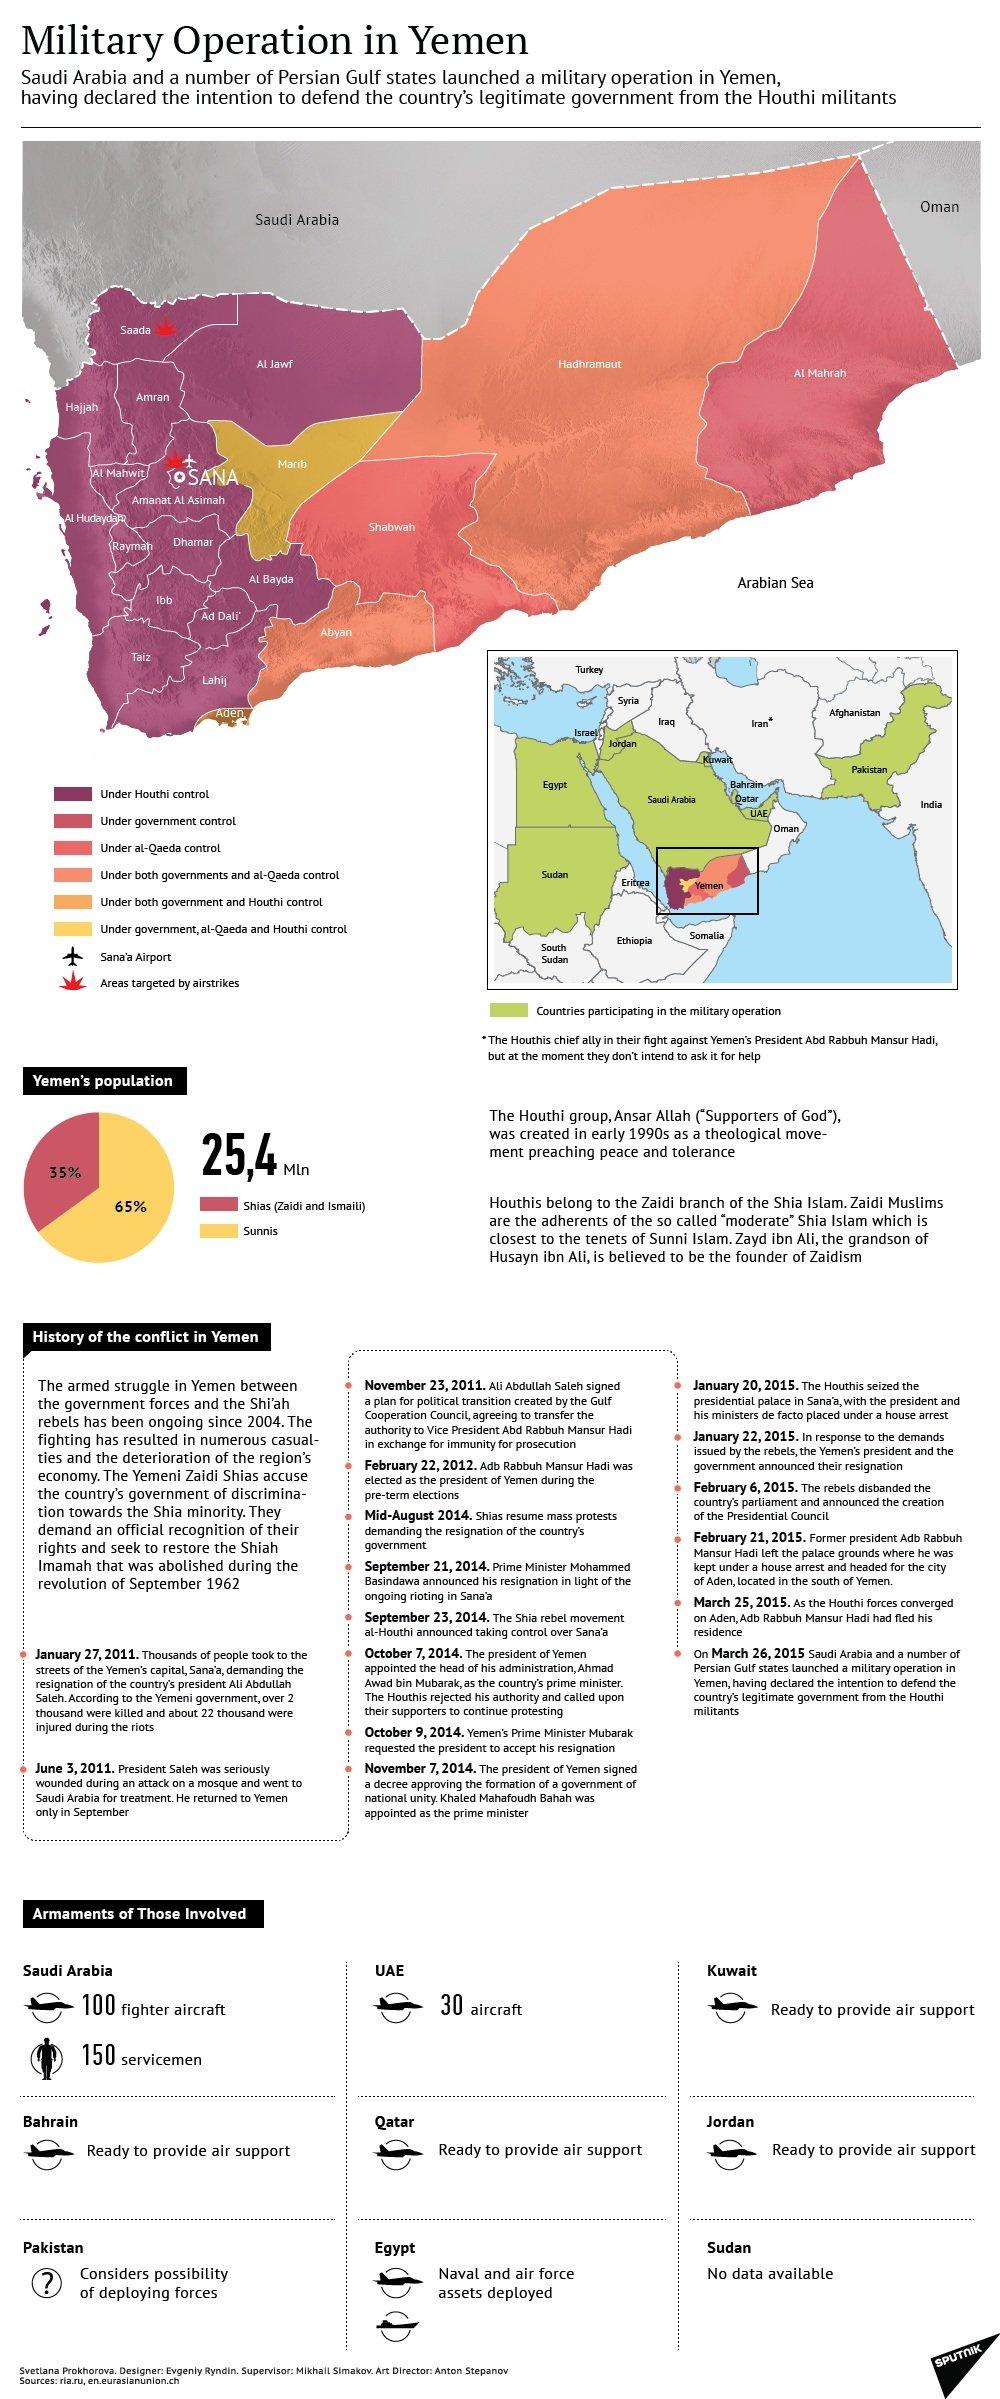 Military Operation in Yemen